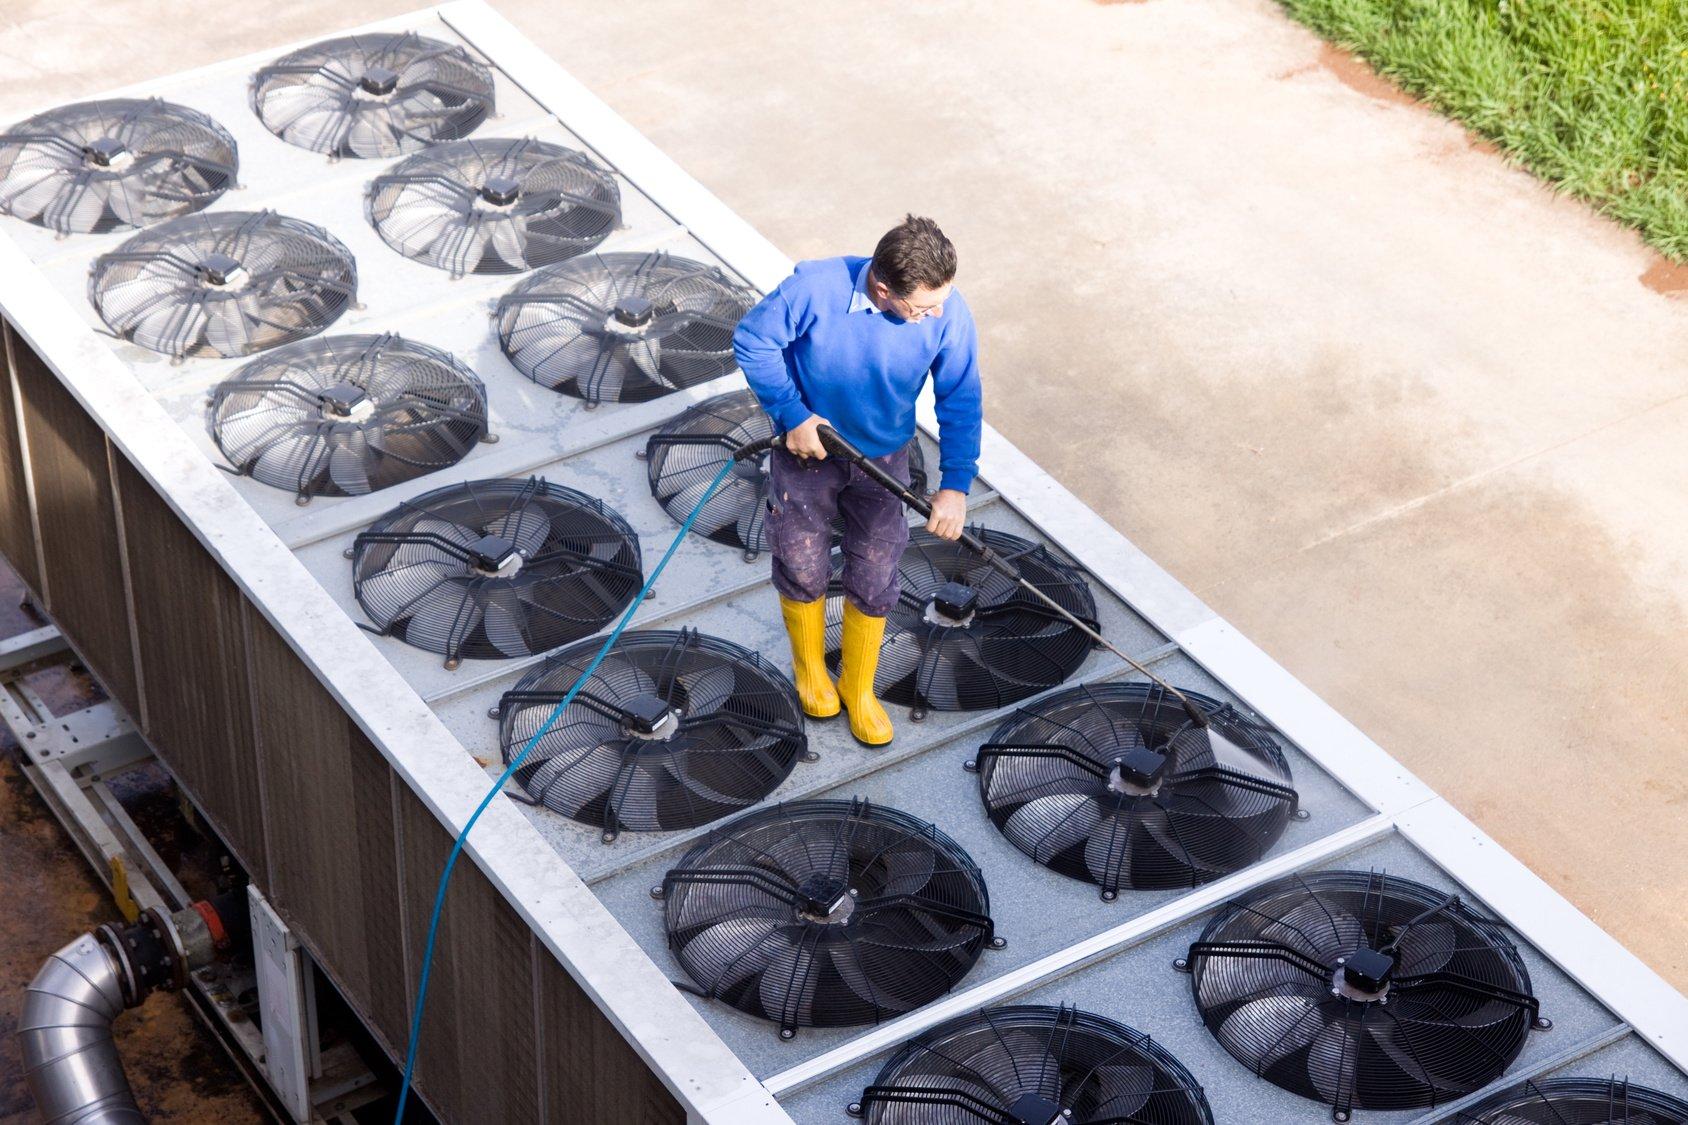 чистка промышленной вентиляции